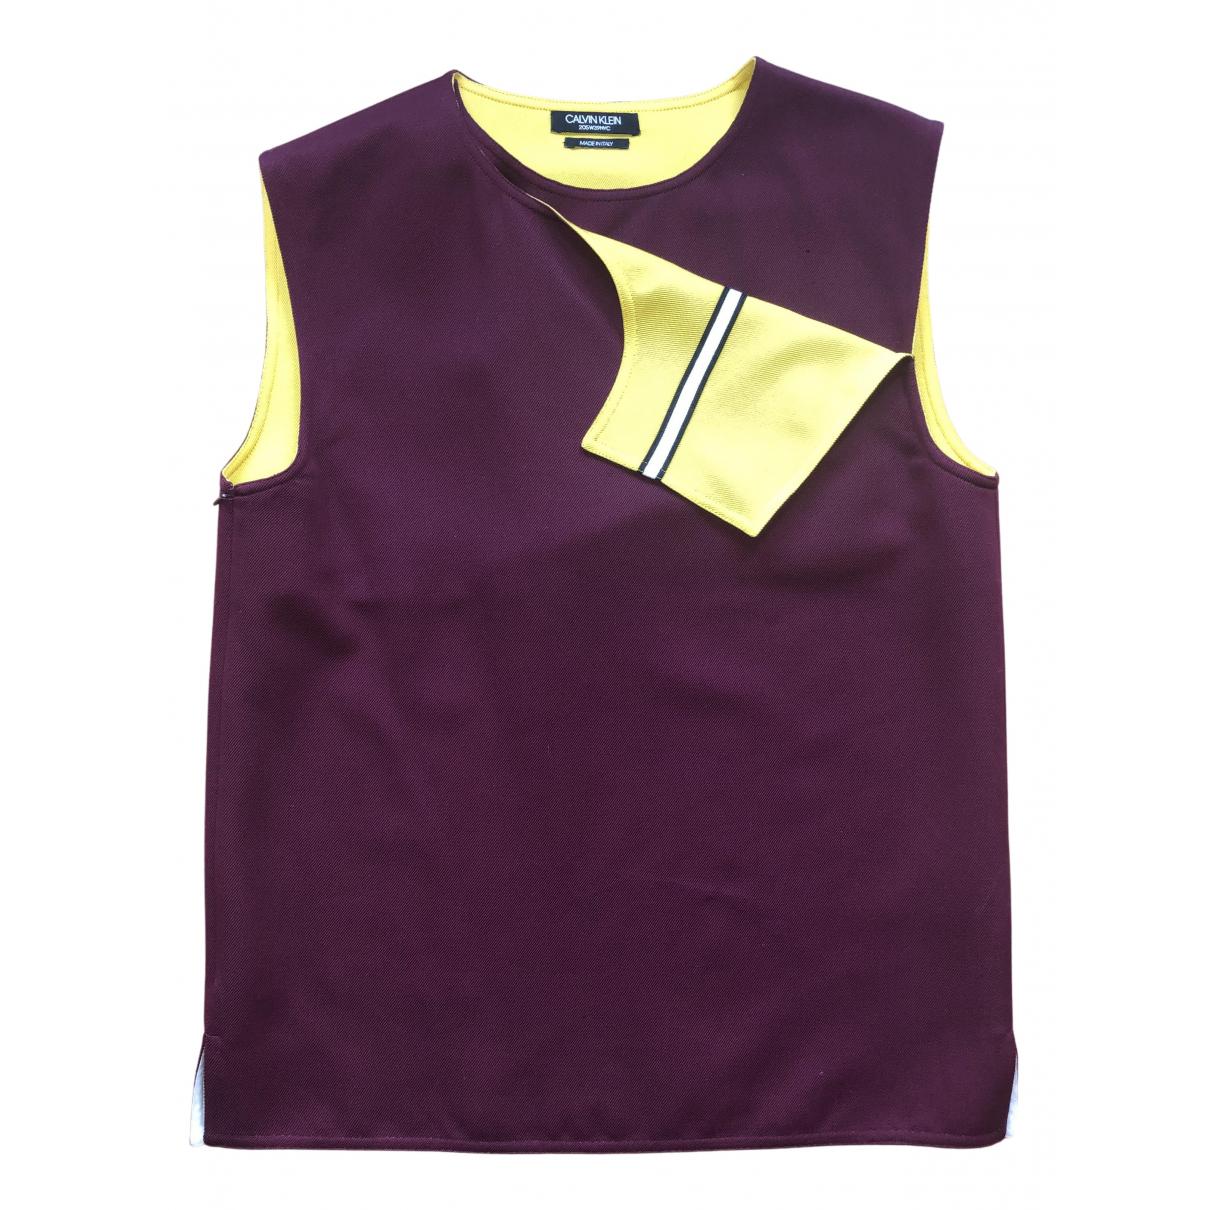 Calvin Klein 205w39nyc - Tee shirts   pour homme en autre - bordeaux